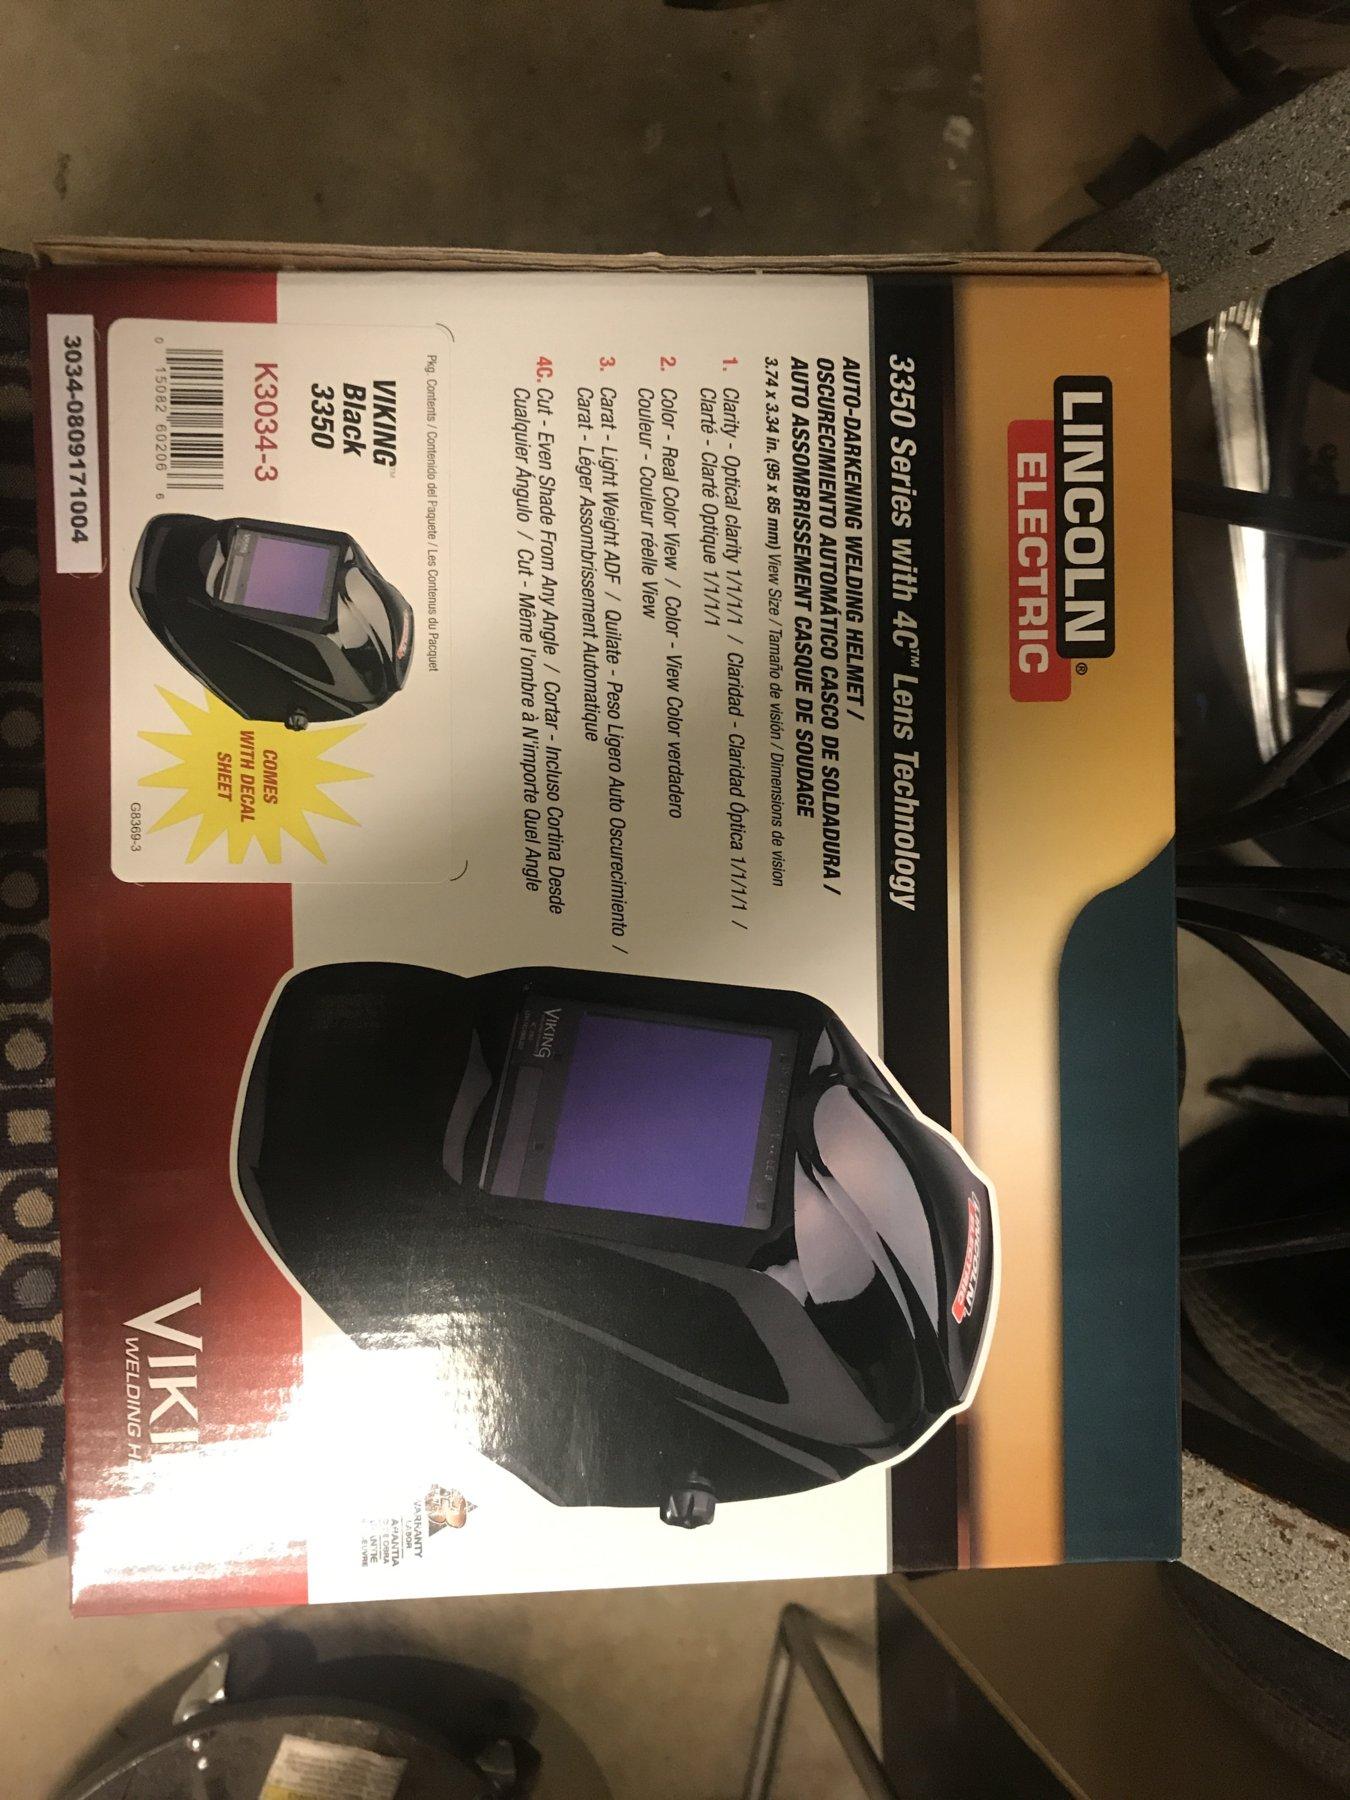 helmets helmet welding p global lincoln ebay res inflow foose cancel viking s content inflowcomponent impostor